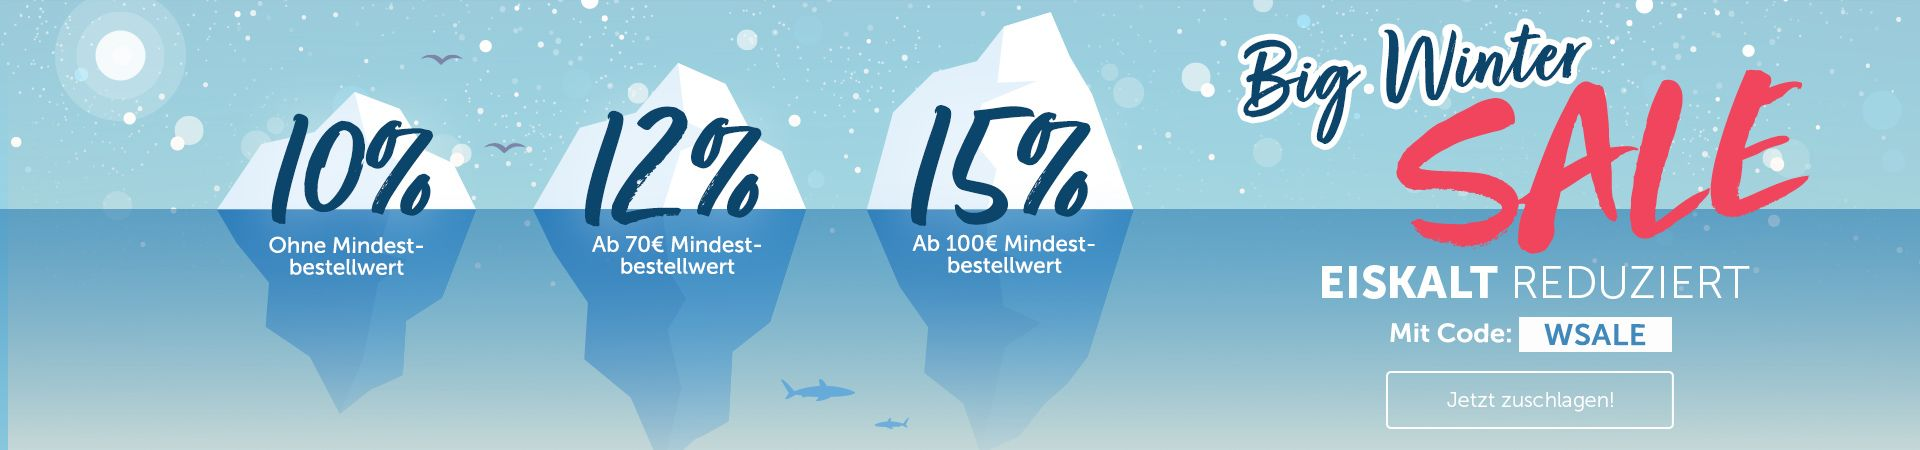 Hol dir jetzt im vitafy Winterschlussverkauf bis zu 15% Rabatt auf Alles!